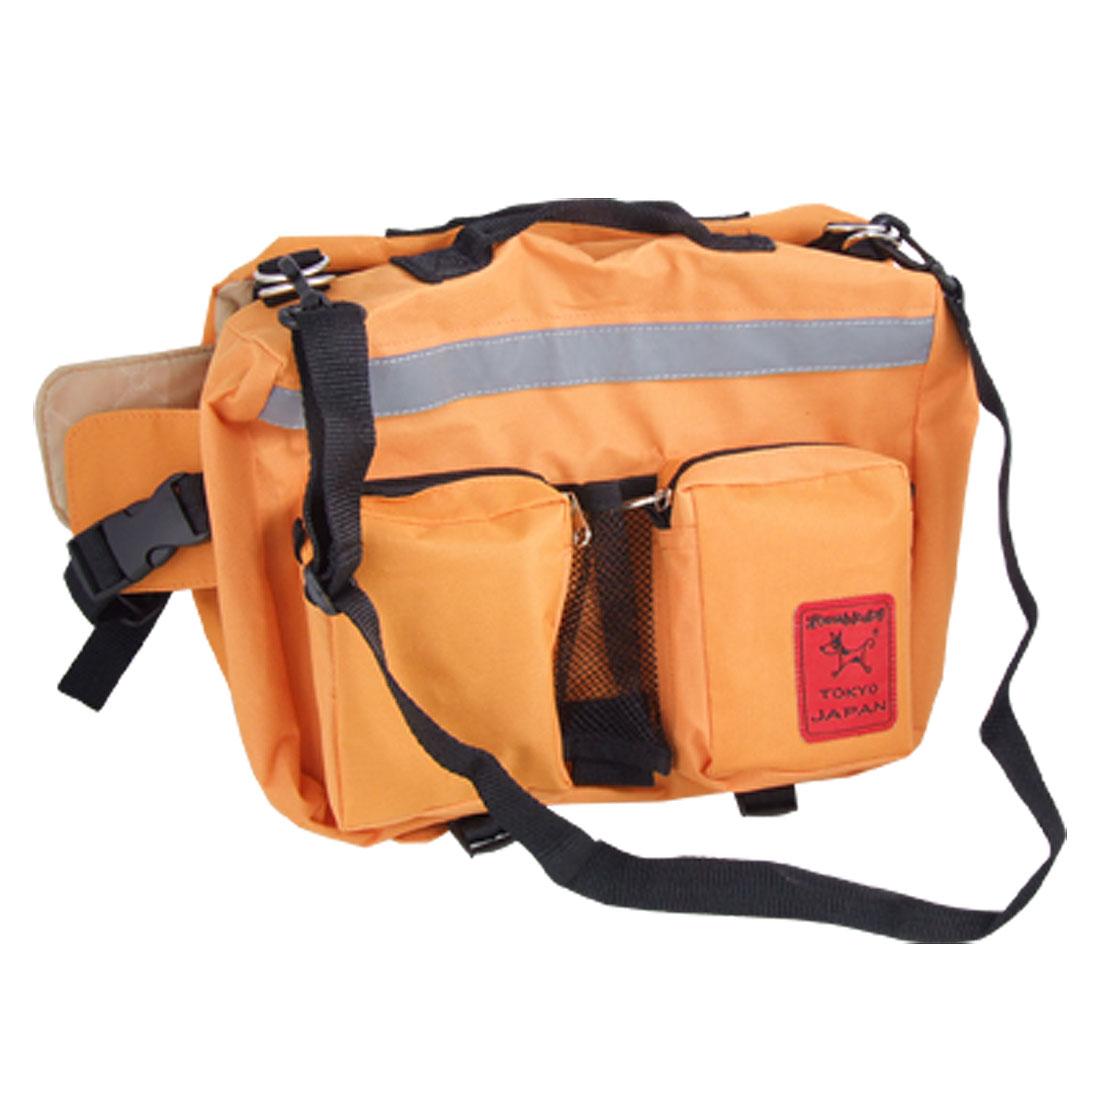 Casual Orange Pet Carrier Hiking Dog Packsack Backpack Large